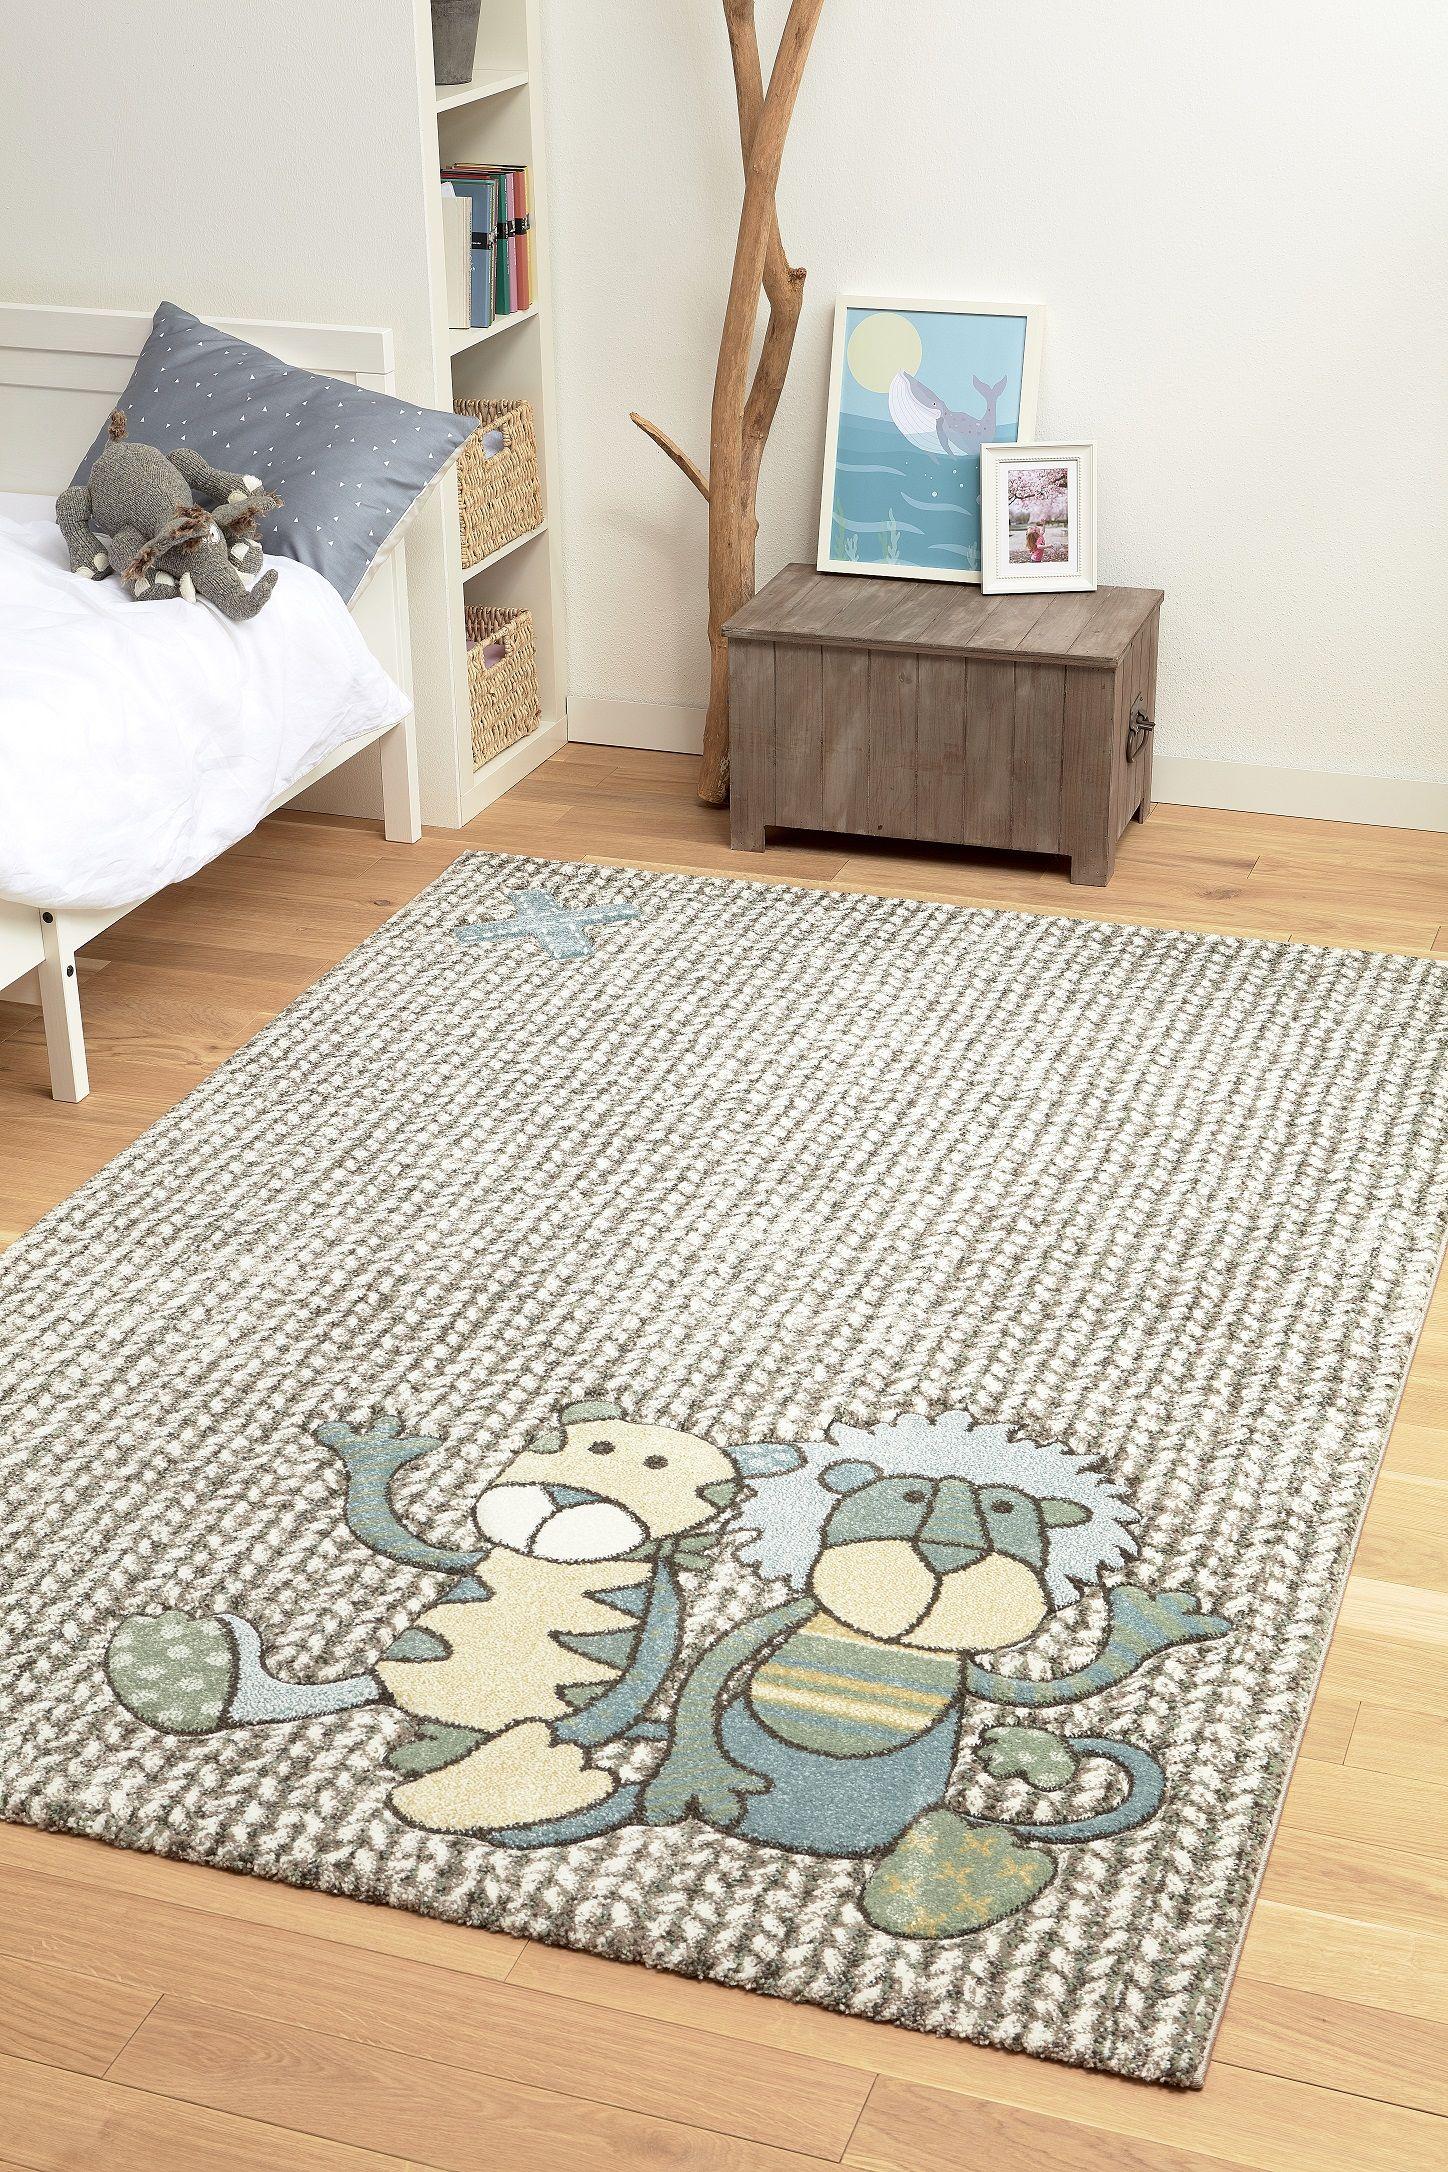 Full Size of Teppiche Kinderzimmer Sigikid Teppich Patchwork Sweety Beige Sand Blau Regale Regal Weiß Sofa Wohnzimmer Kinderzimmer Teppiche Kinderzimmer